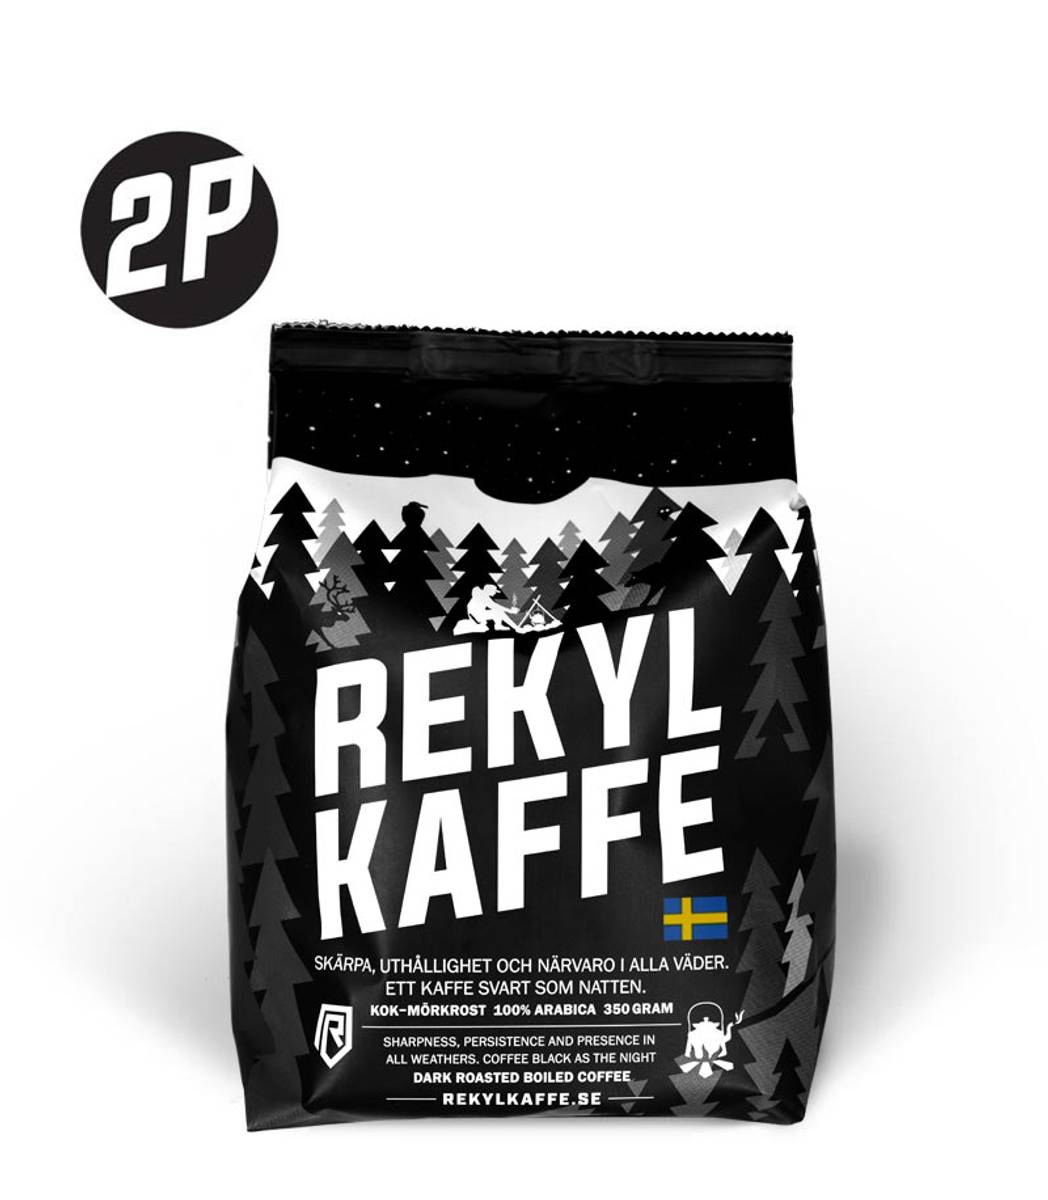 REKYL Kaffe 2 pack, Kokmalt